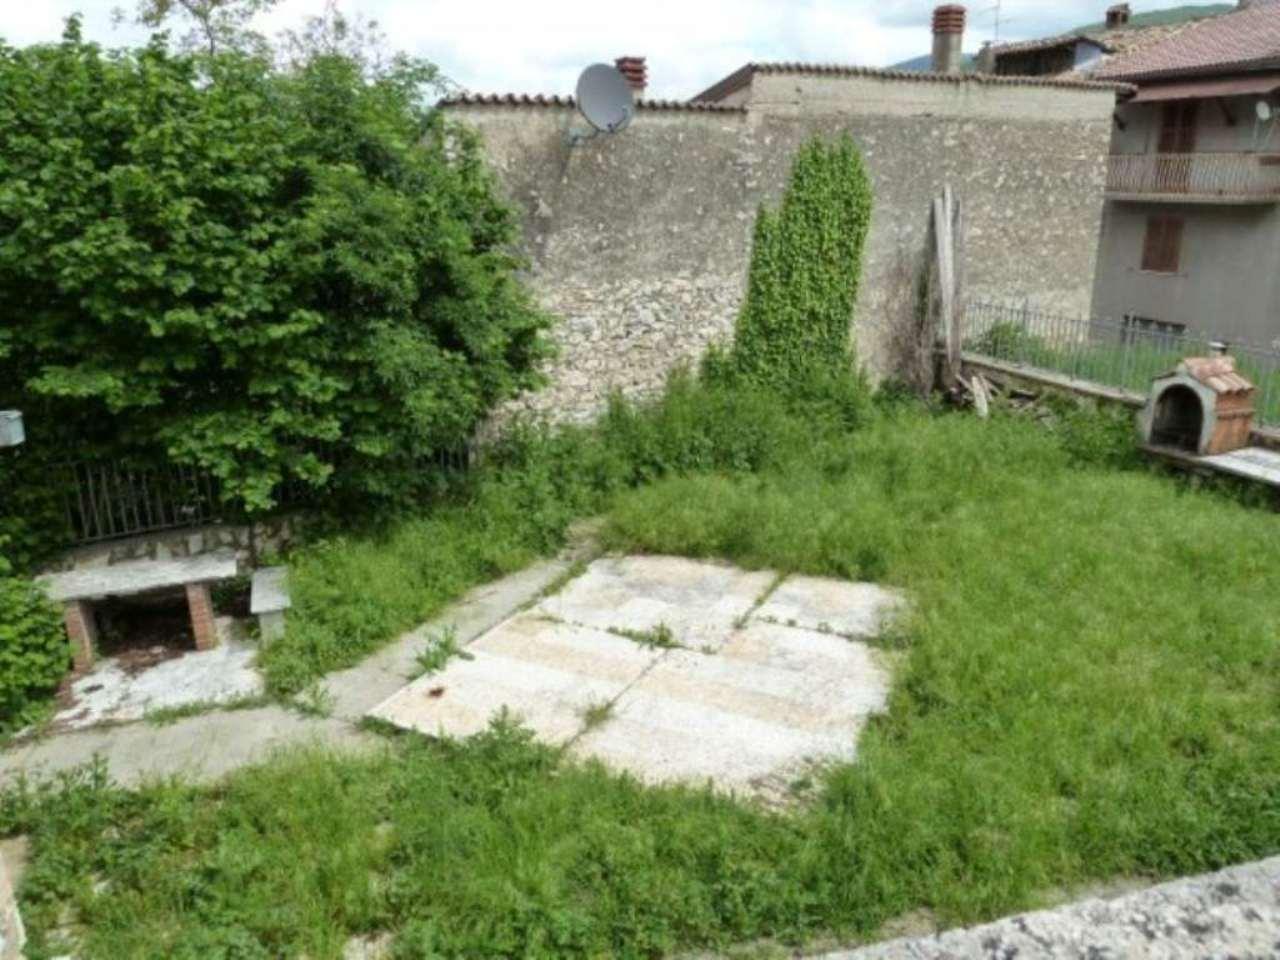 Terreno Edificabile Residenziale in vendita a Rocca di Botte, 9999 locali, prezzo € 27.000 | Cambio Casa.it